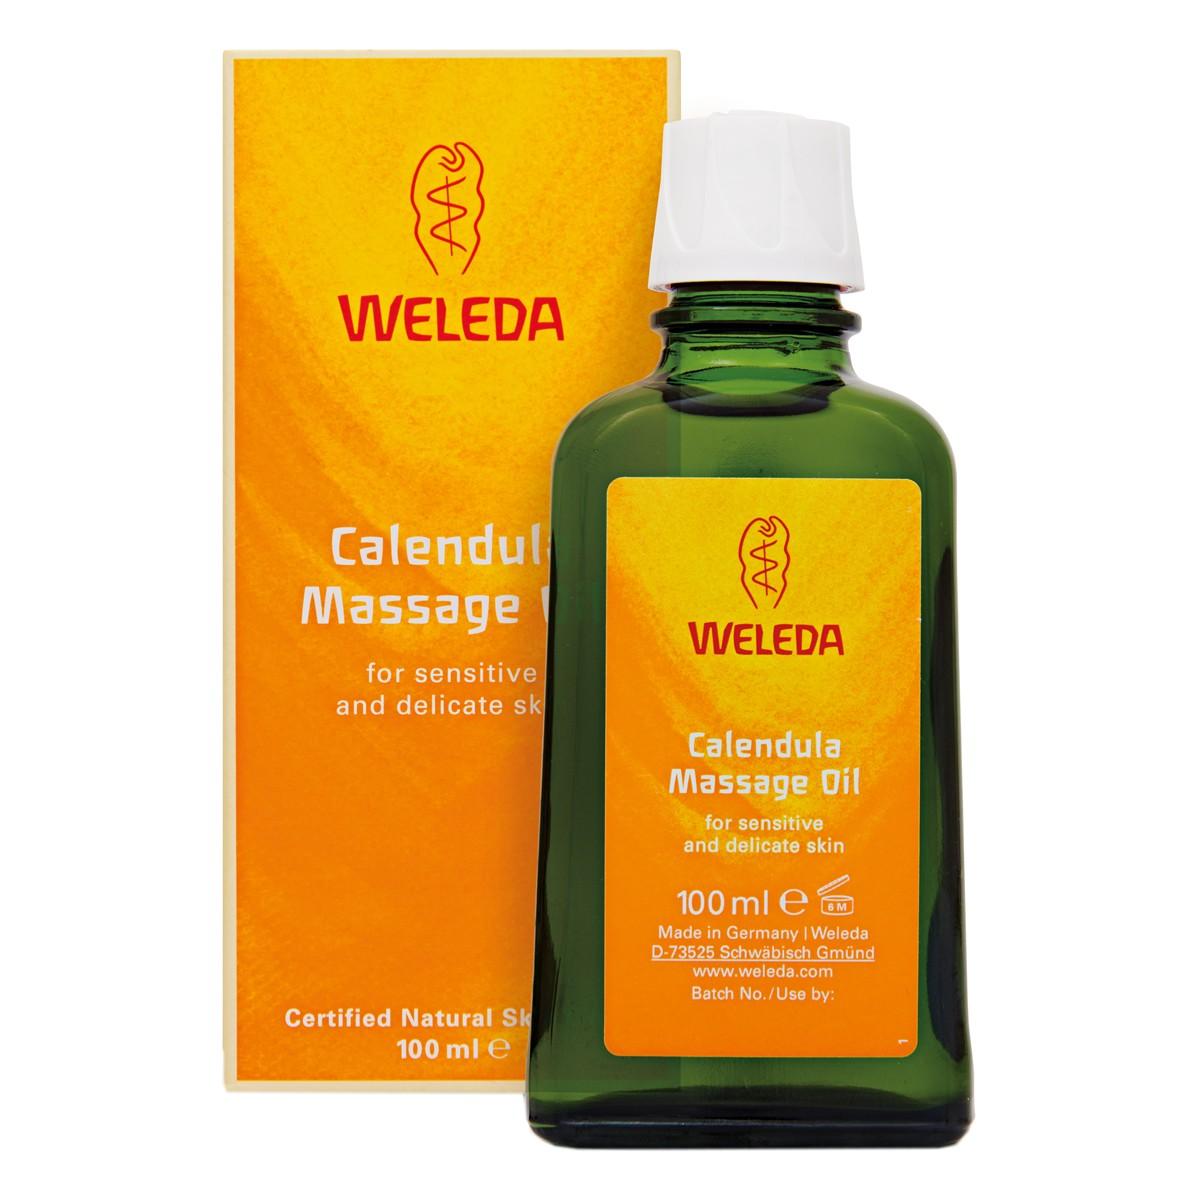 Weleda Calendula Massage Oil